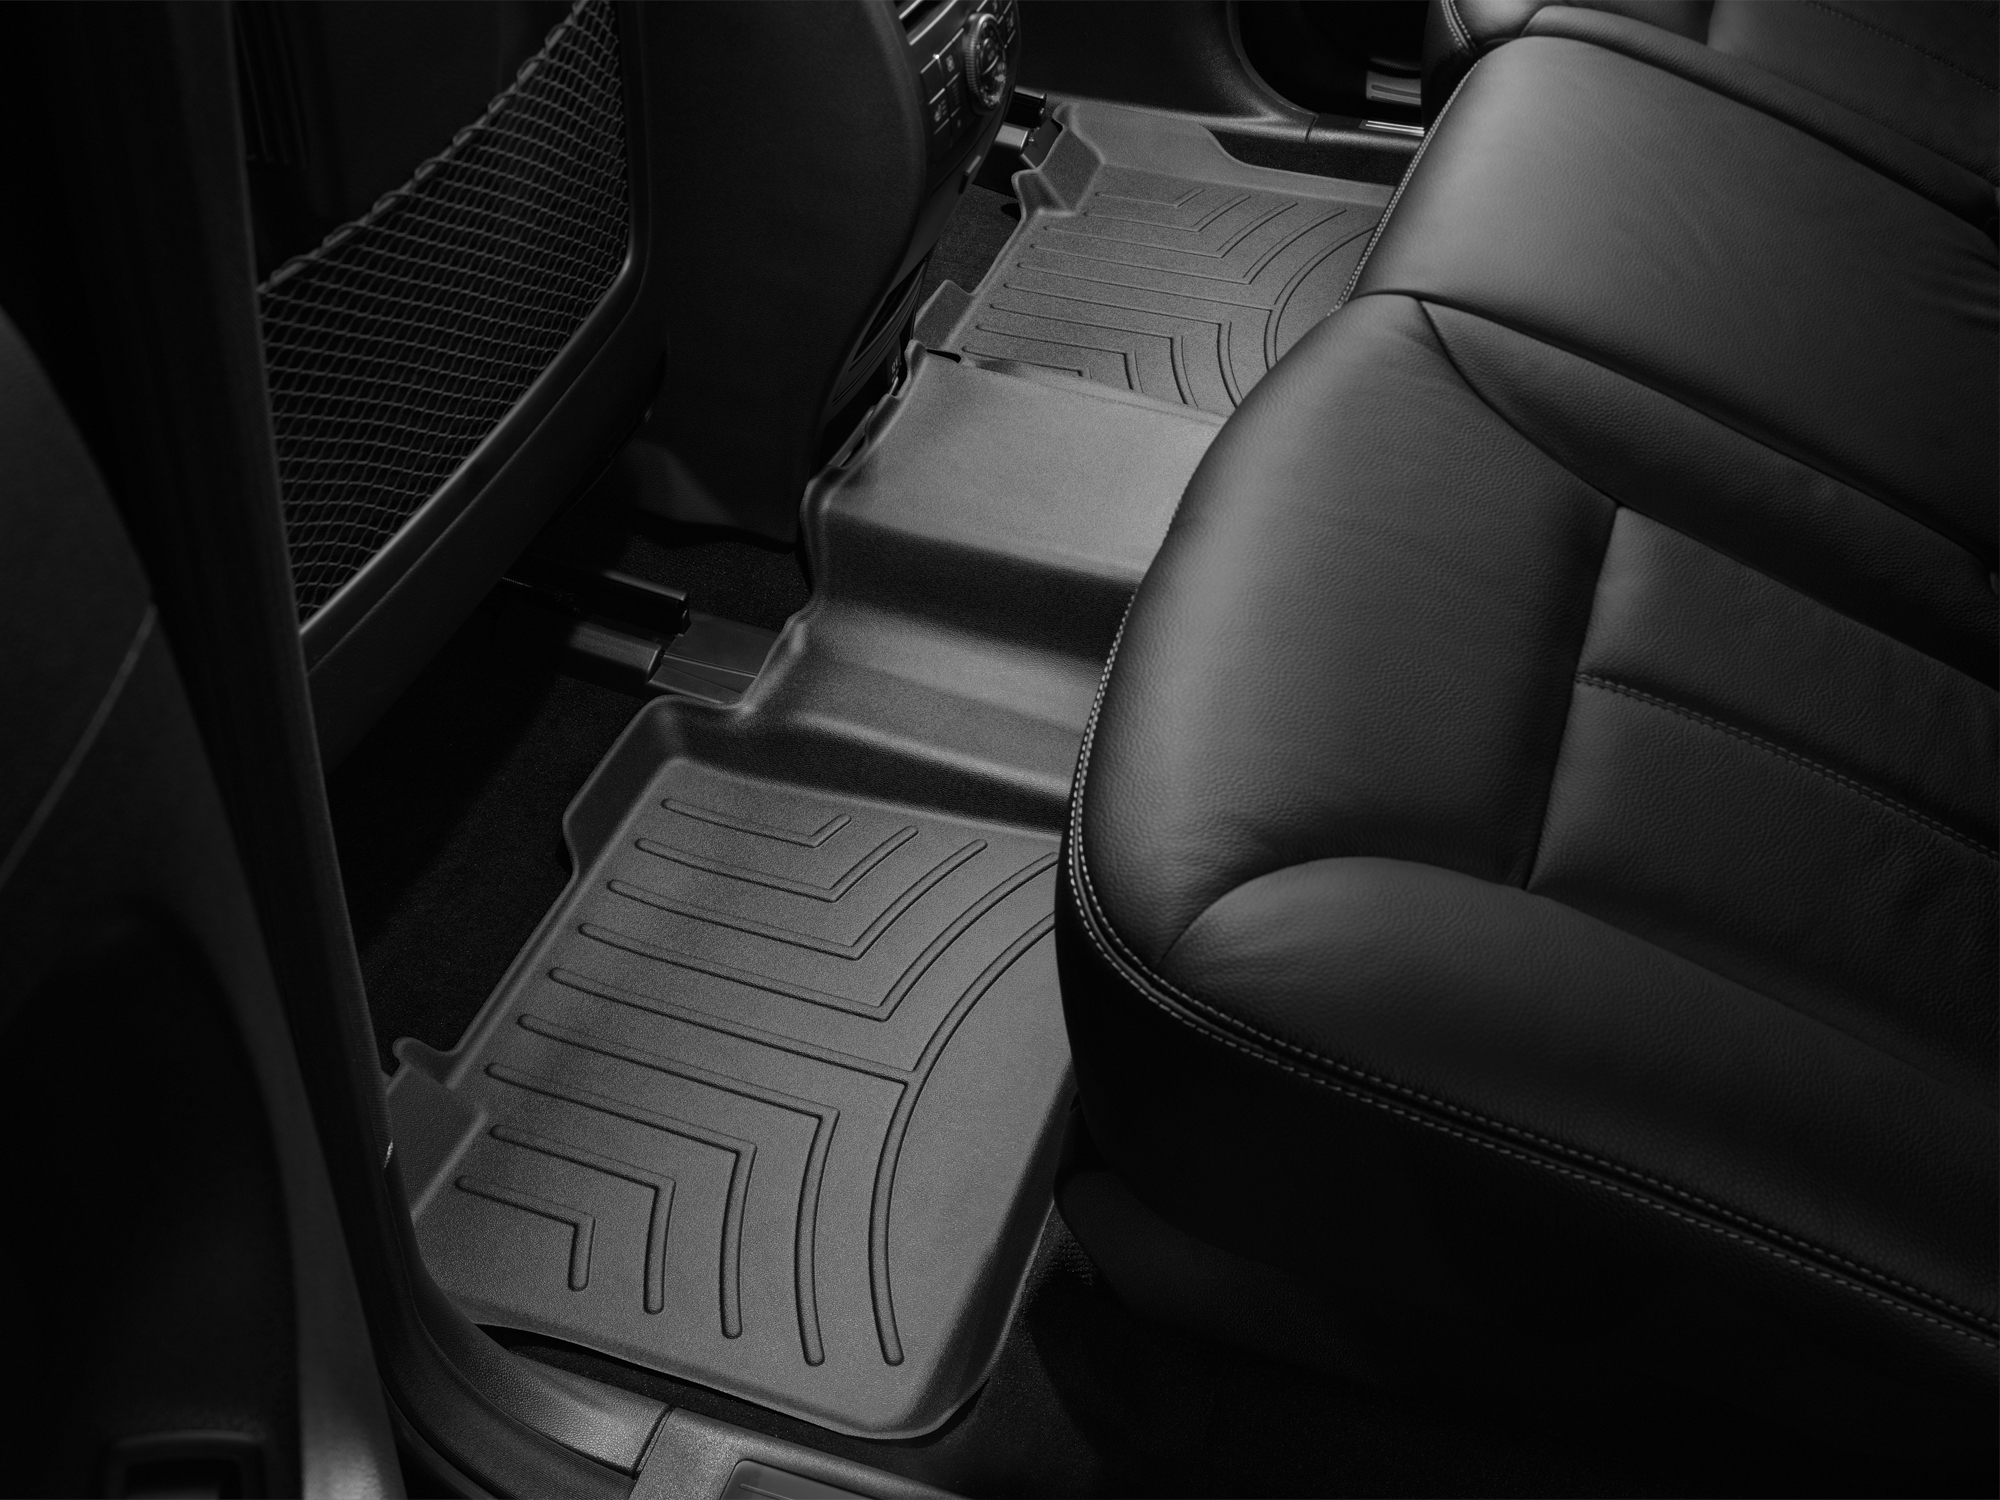 Tappeti gomma su misura bordo alto Mercedes ML-Class 06>11 Nero A2533